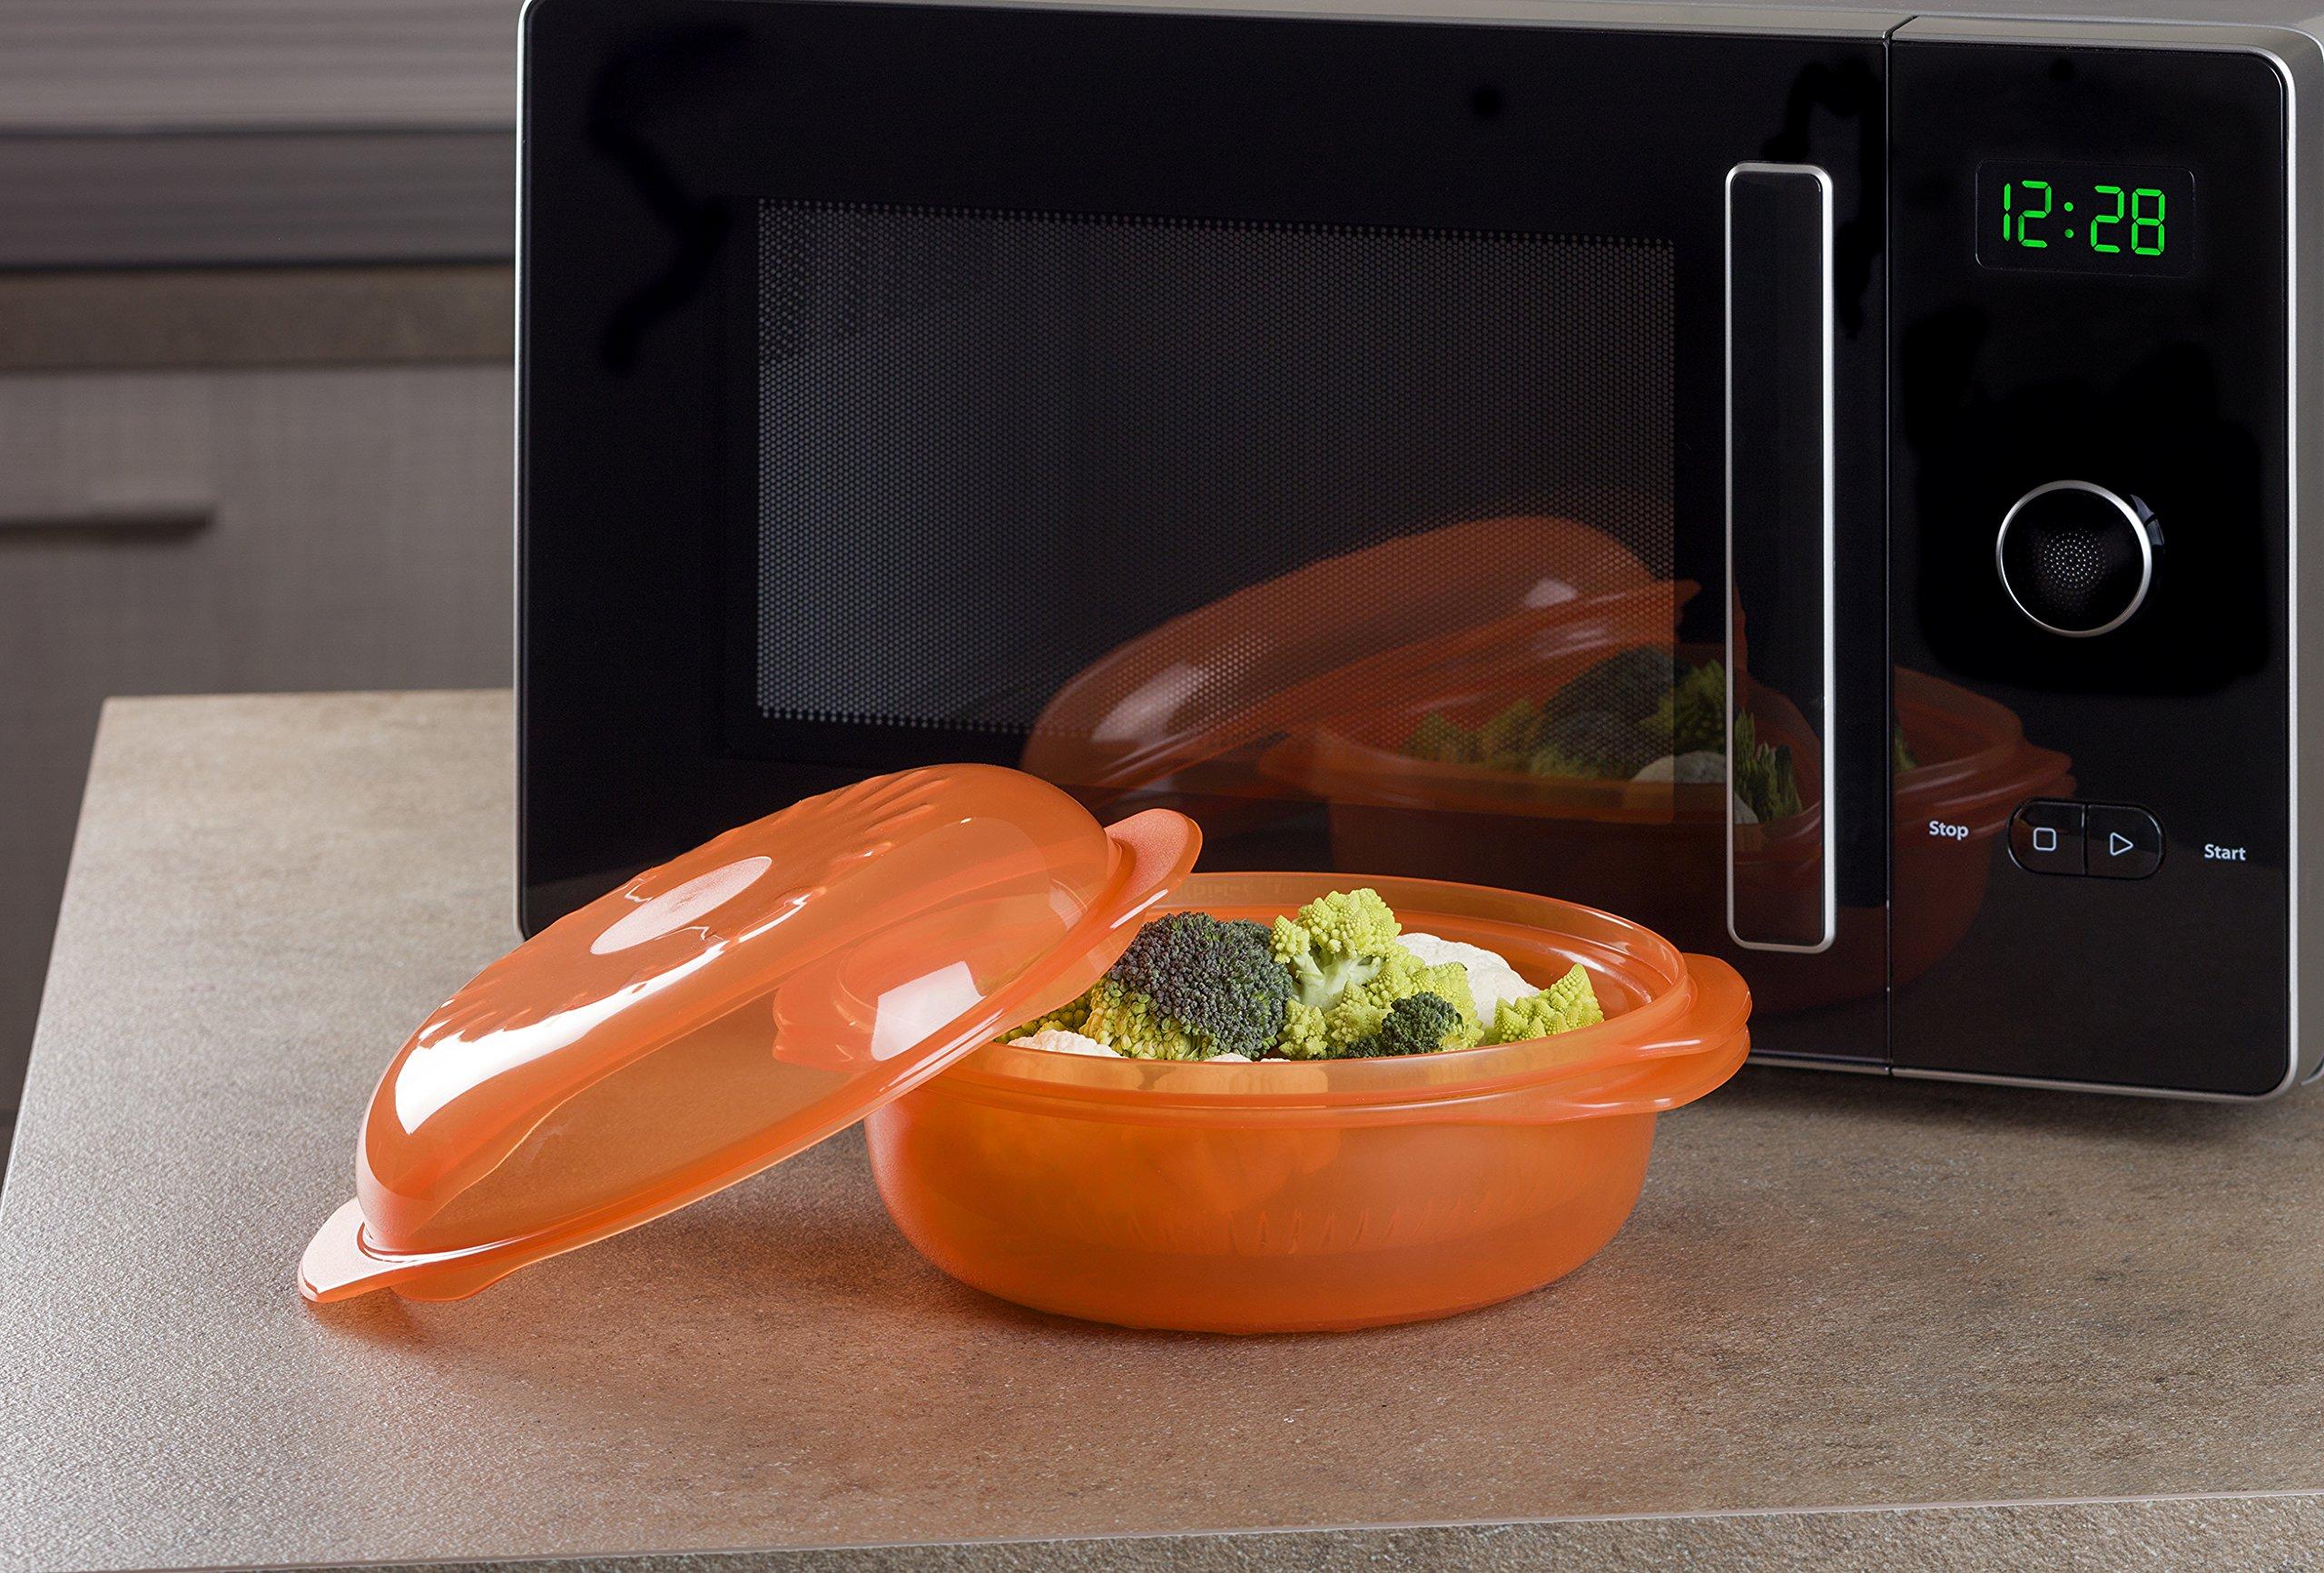 Credenza Per Microonde : Whirlpool stm006 vaporiera rotonda per forno a microonde arancio